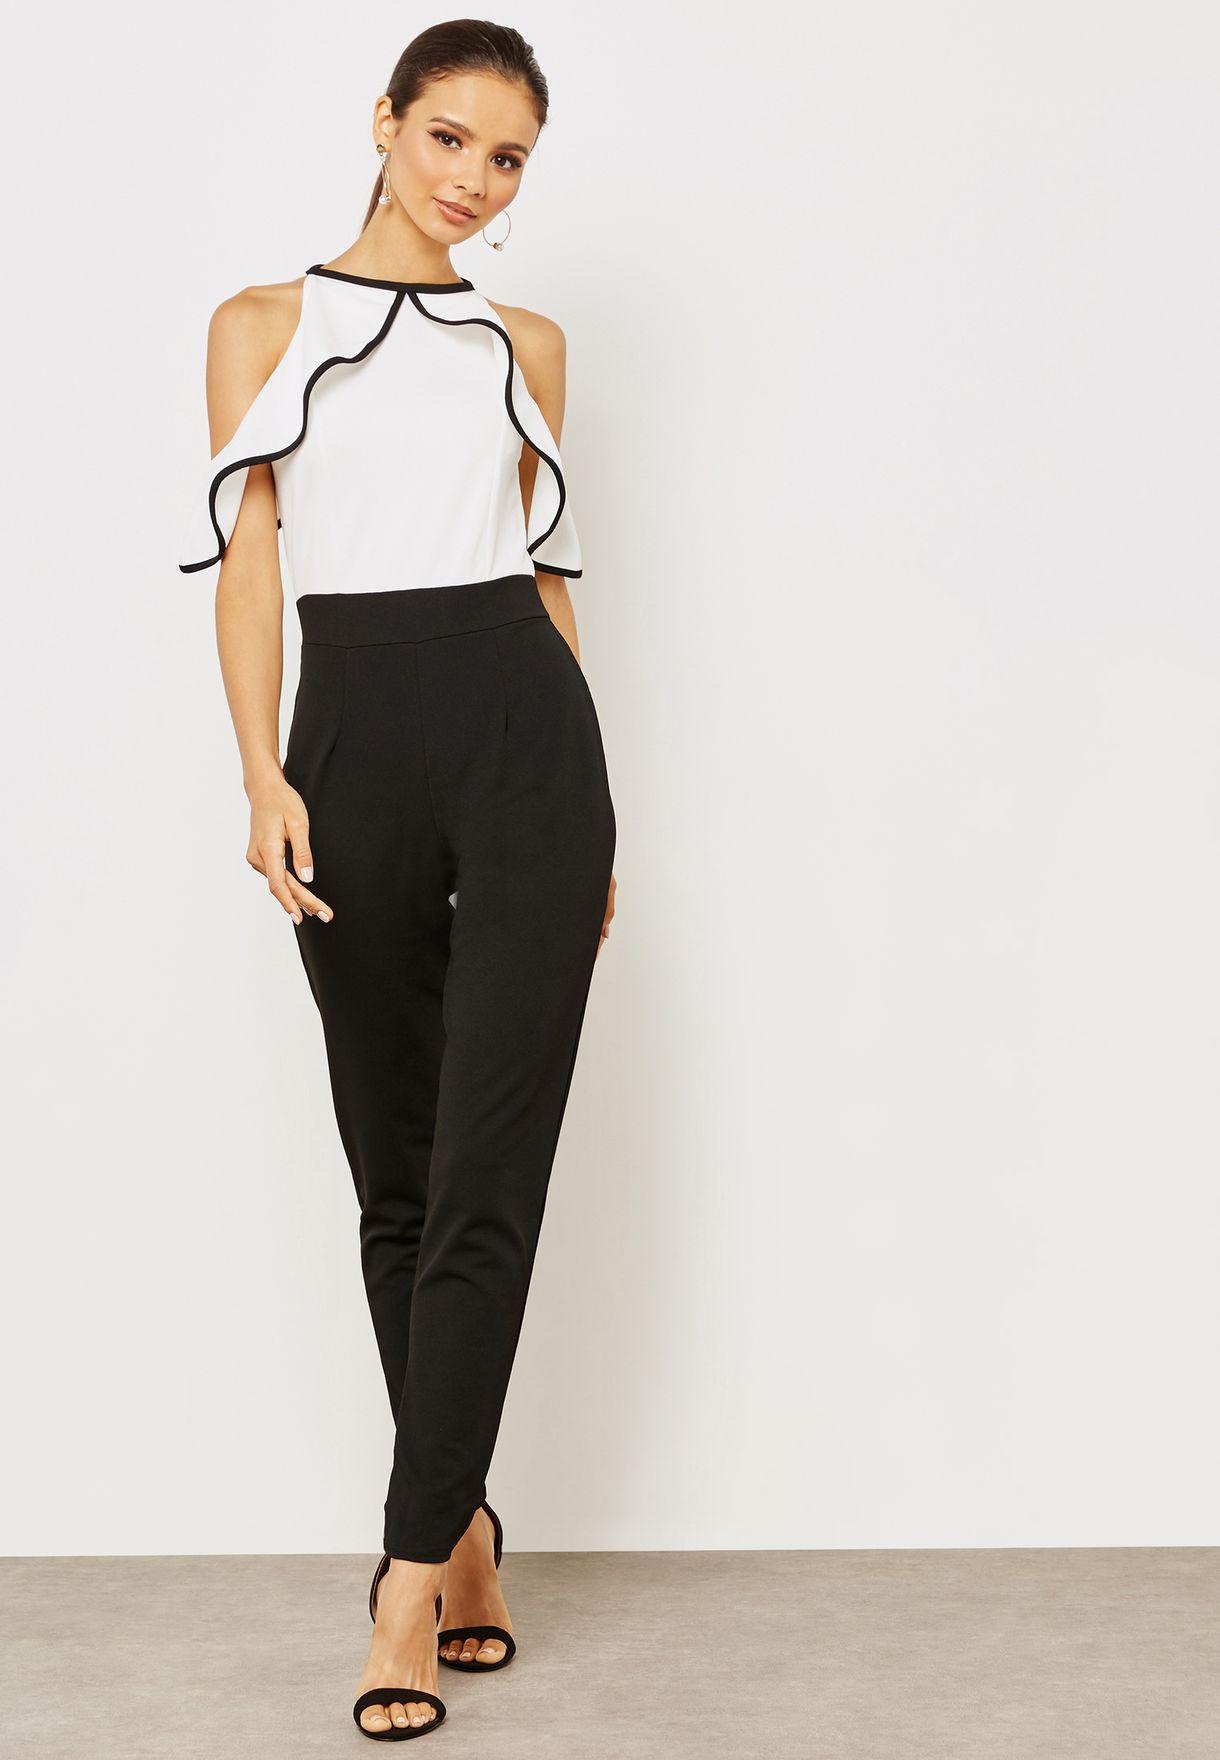 b851e99f9ea Shop Quiz white Contrast Straight Leg Cold Shoulder Jumpsuit ...